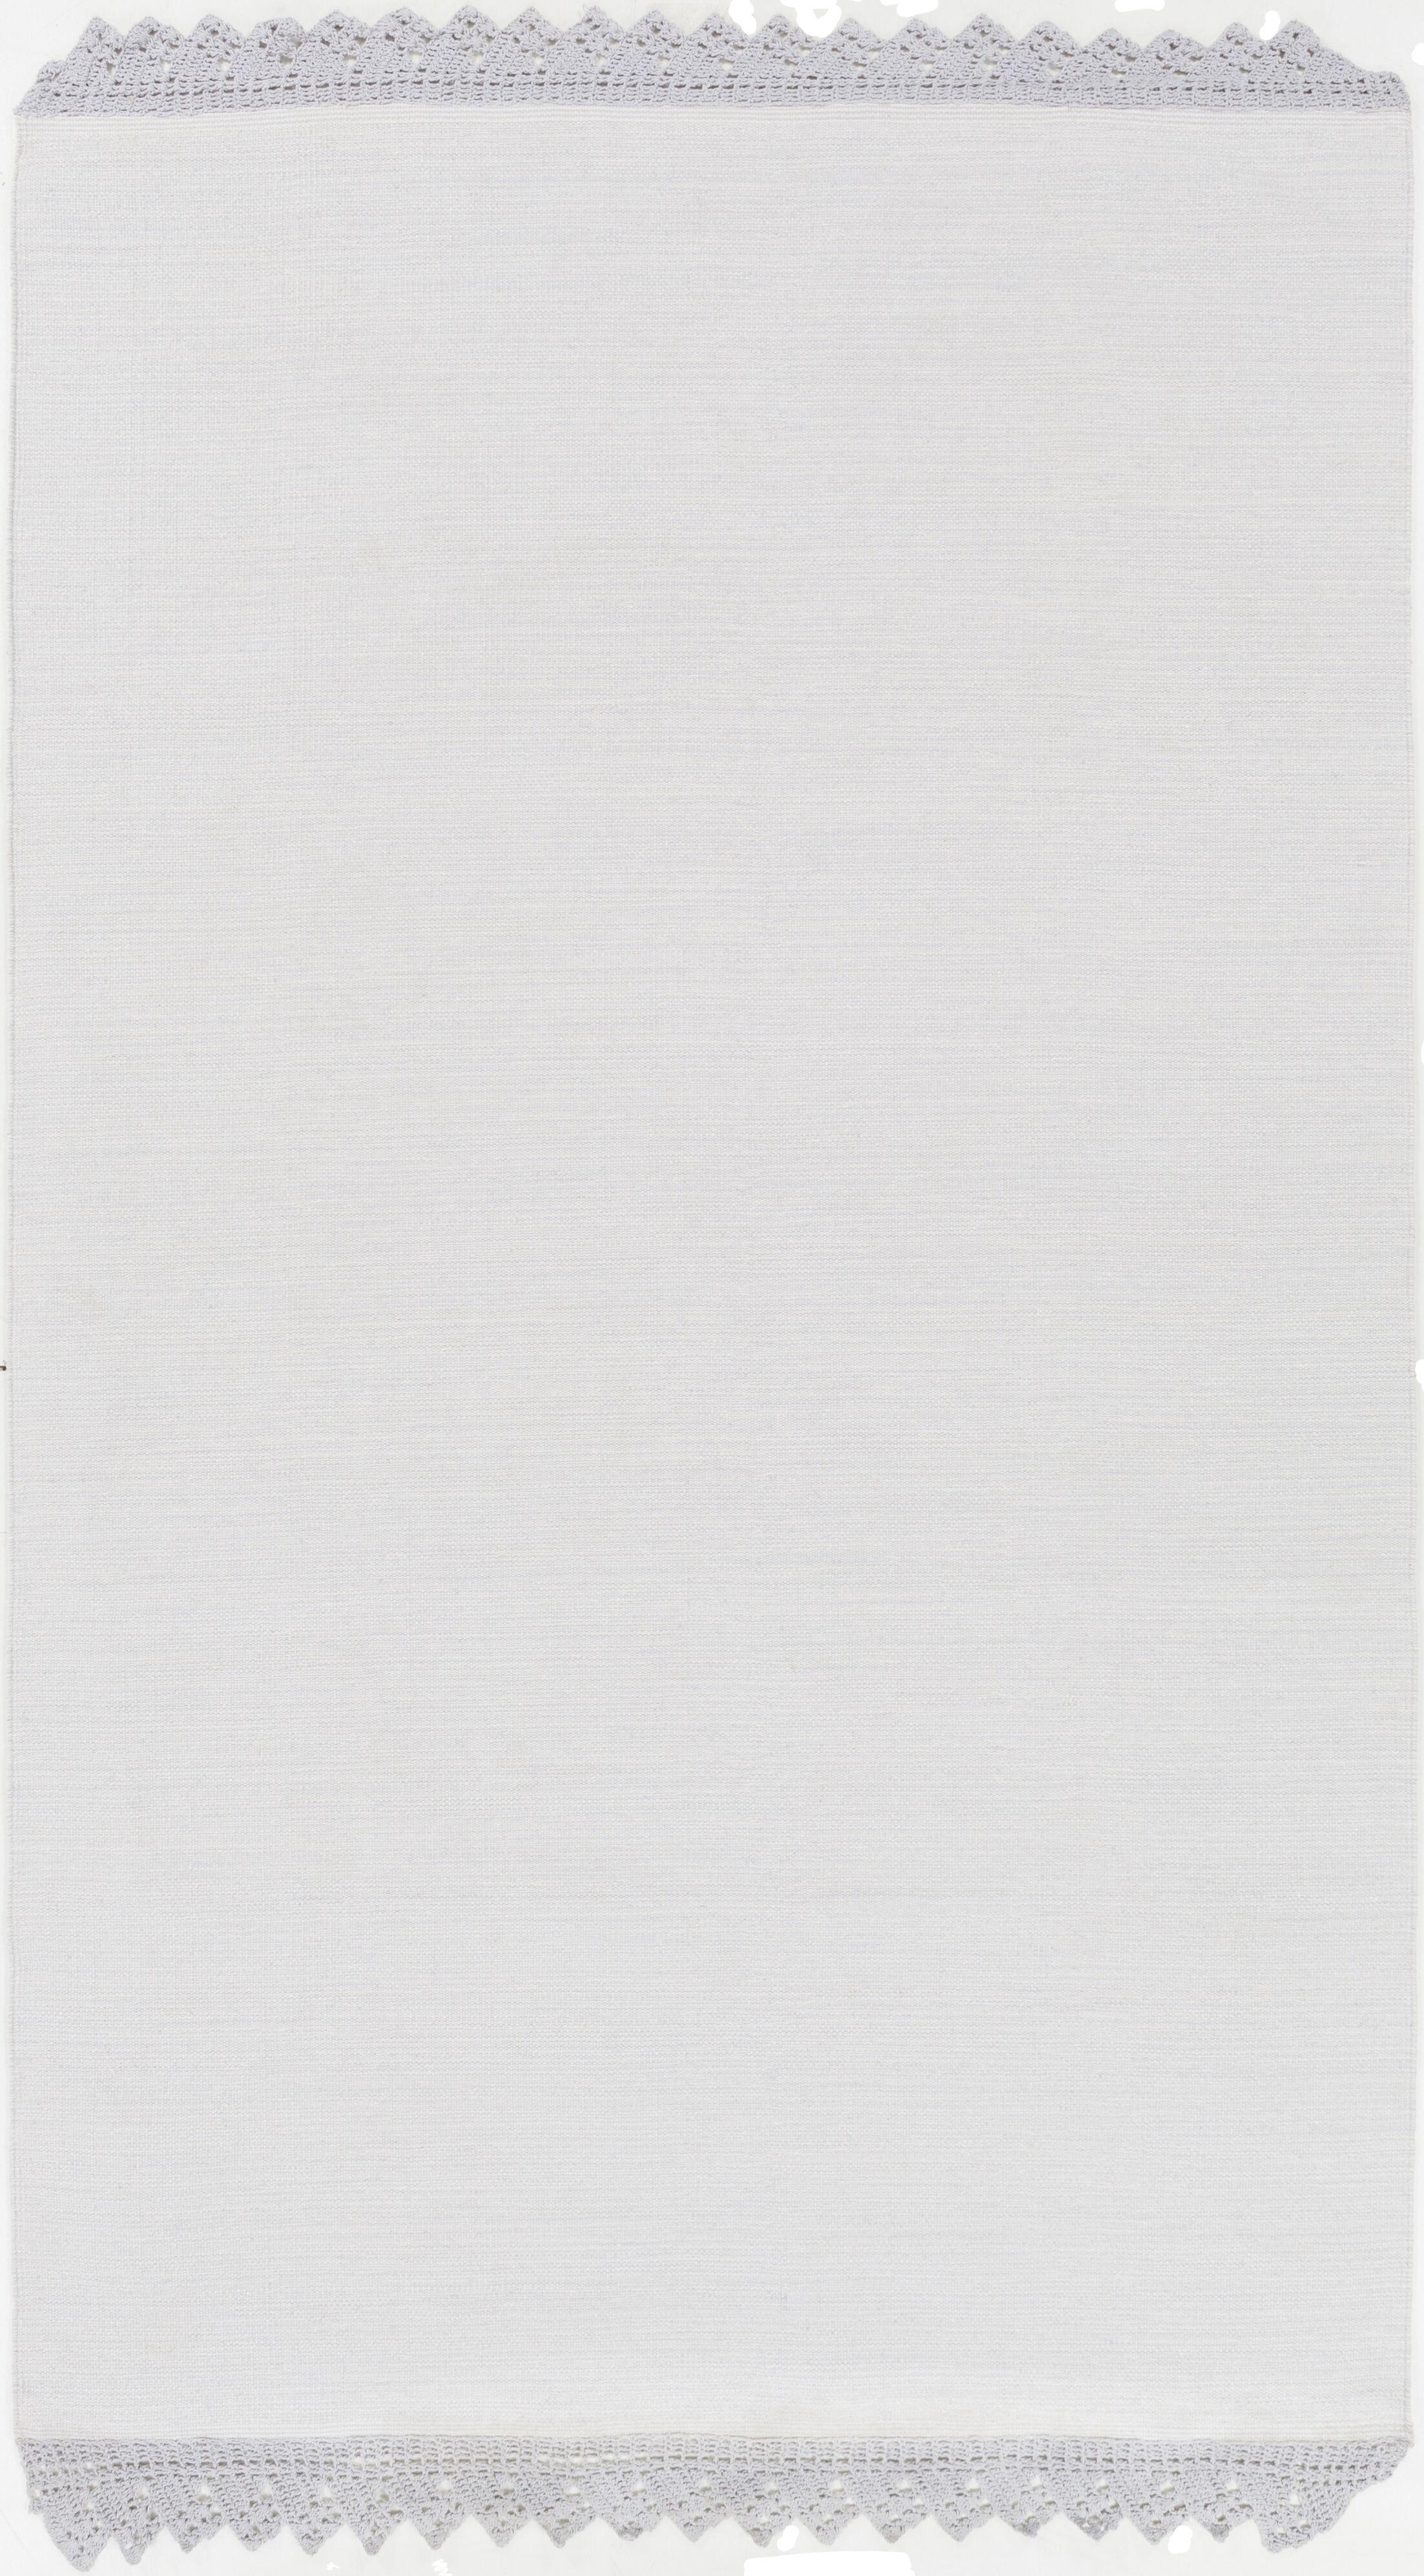 Nicol Hand Woven Cotton Light Gray Area Rug Rug Size: Rectangle 8' x 10'